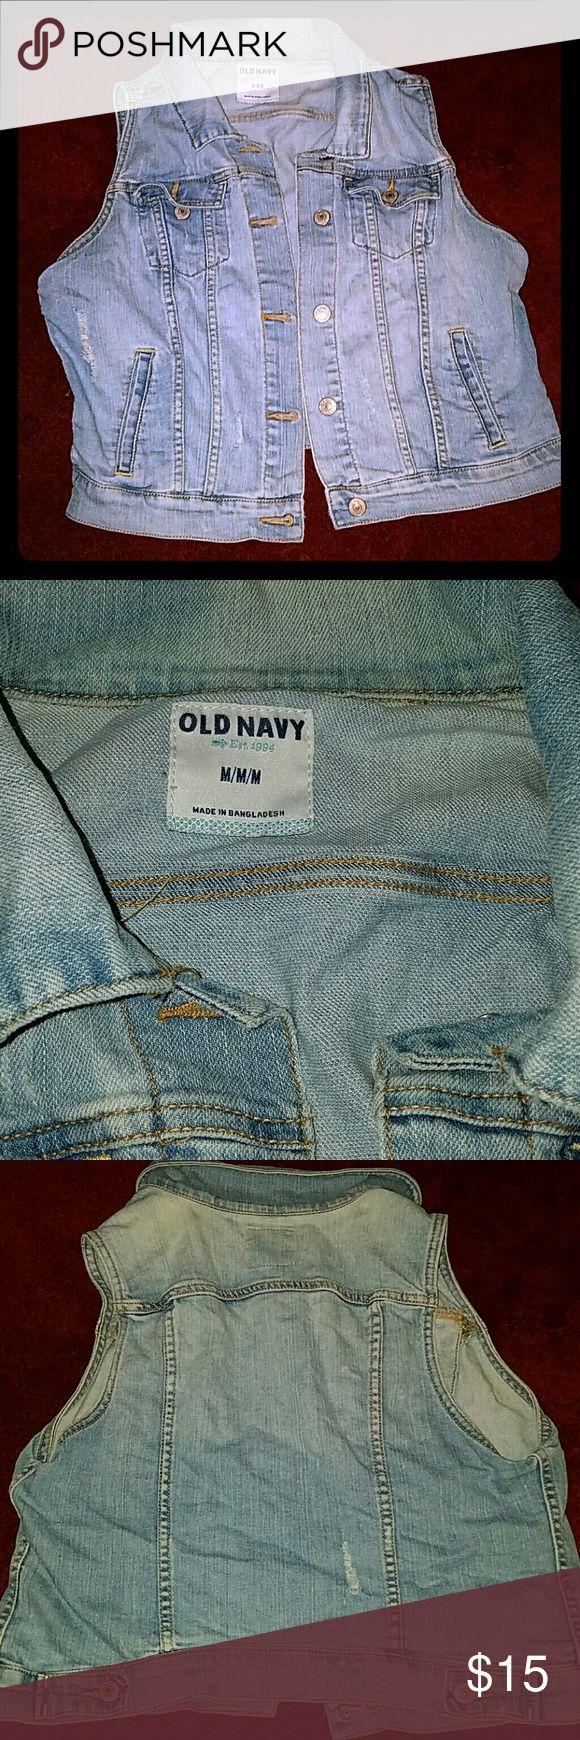 Old Navy Distressed Denim Vest Old Navy Distressed Denim Vest - Size M Excellent Used Condition Old Navy Jackets & Coats Vests